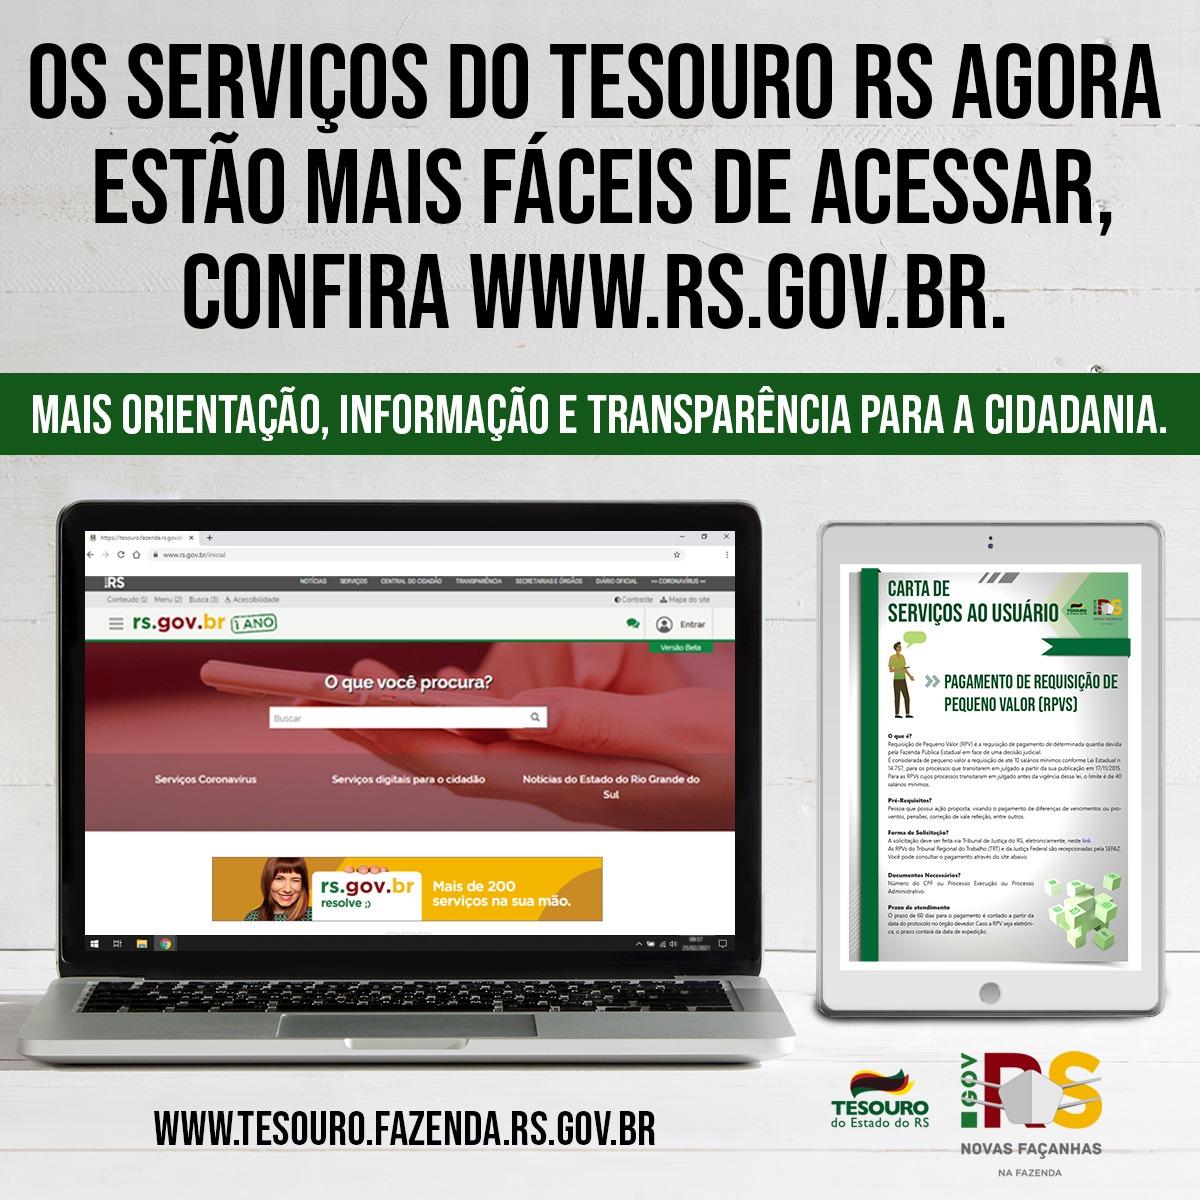 imagem com informações sobre os serviços